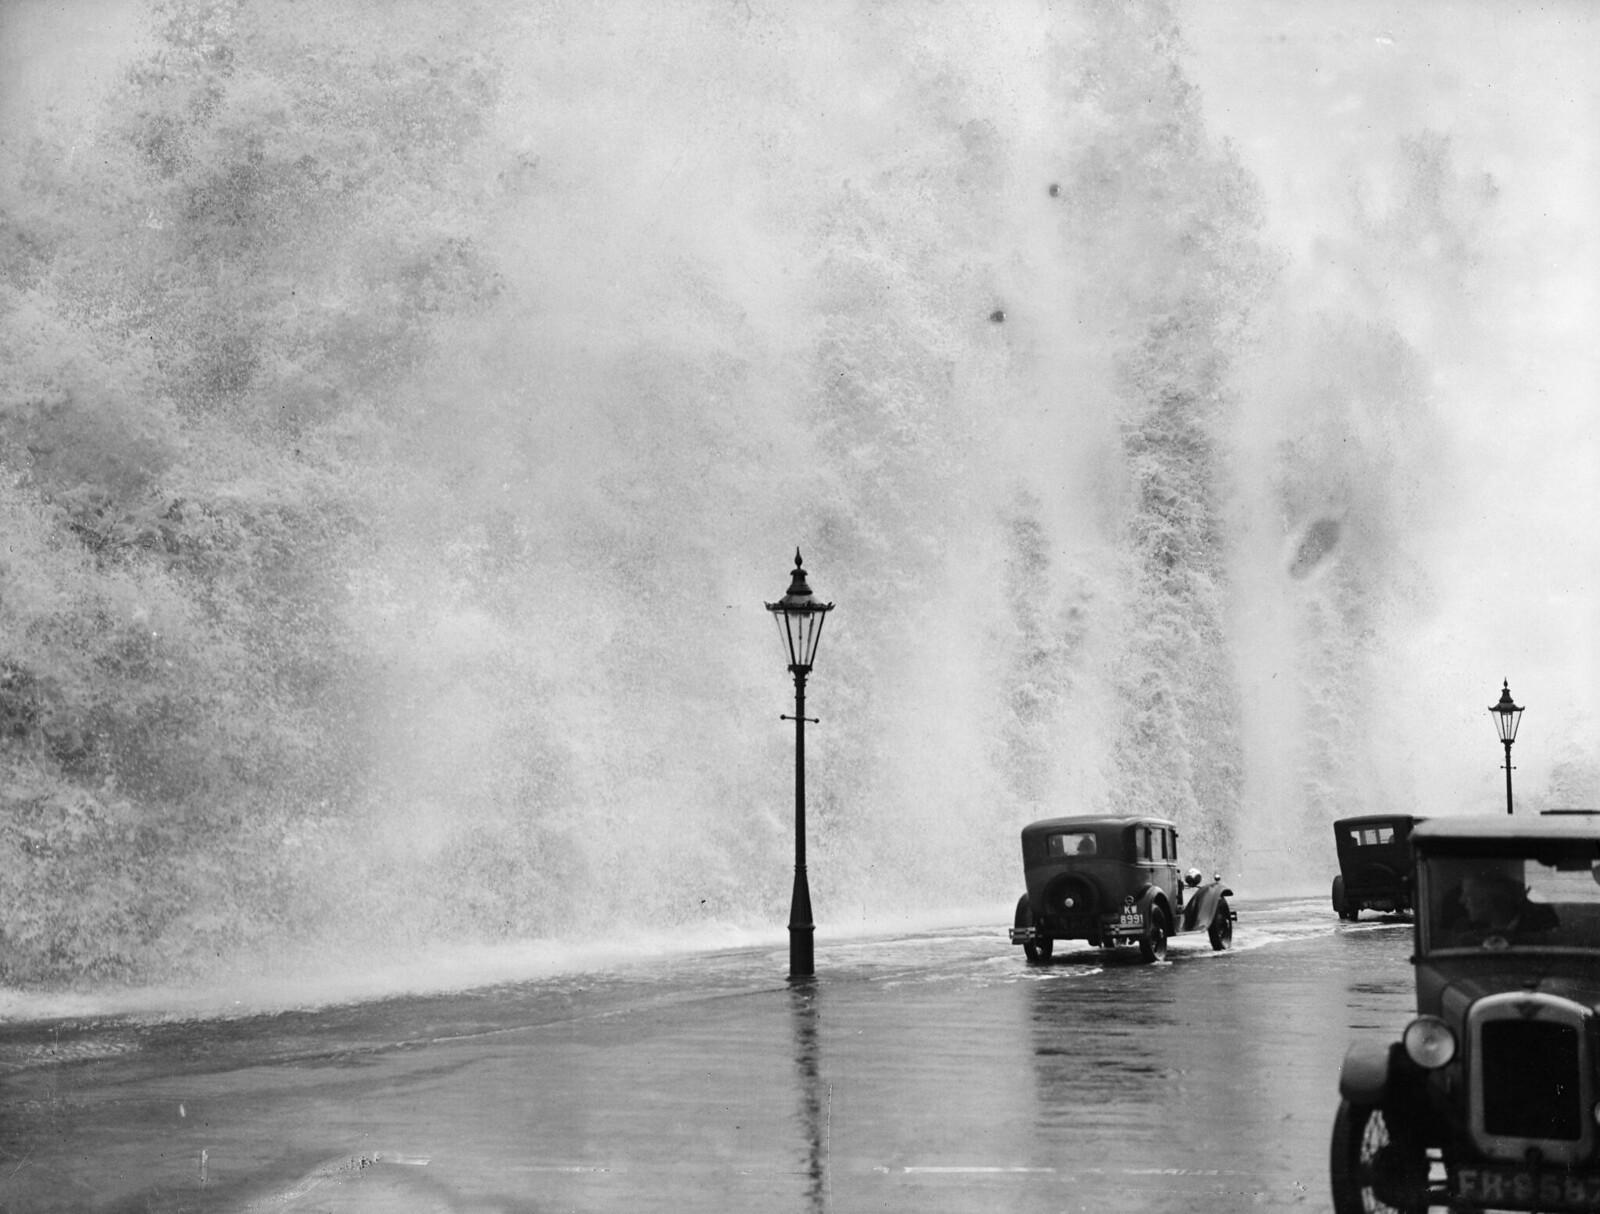 1931. Штормовая погода в Скарборо в Йоркшире. 8 августа